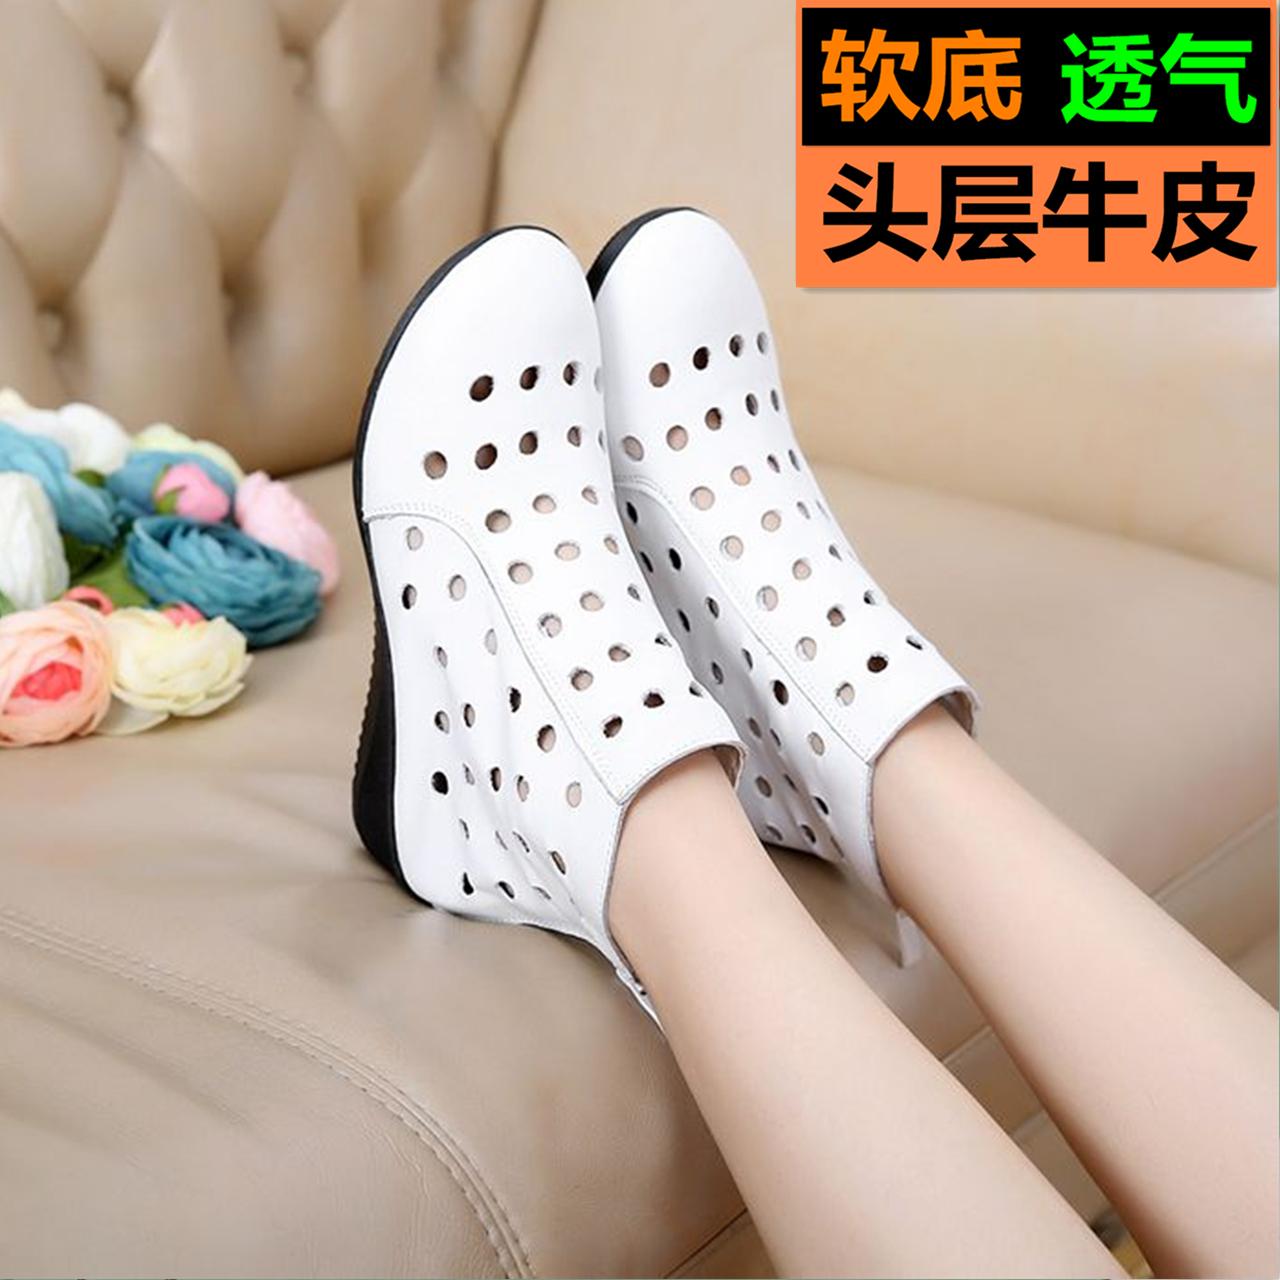 夏季爆款短靴镂空真皮洞洞靴头层牛皮坡跟软底大码白色女靴跳舞鞋